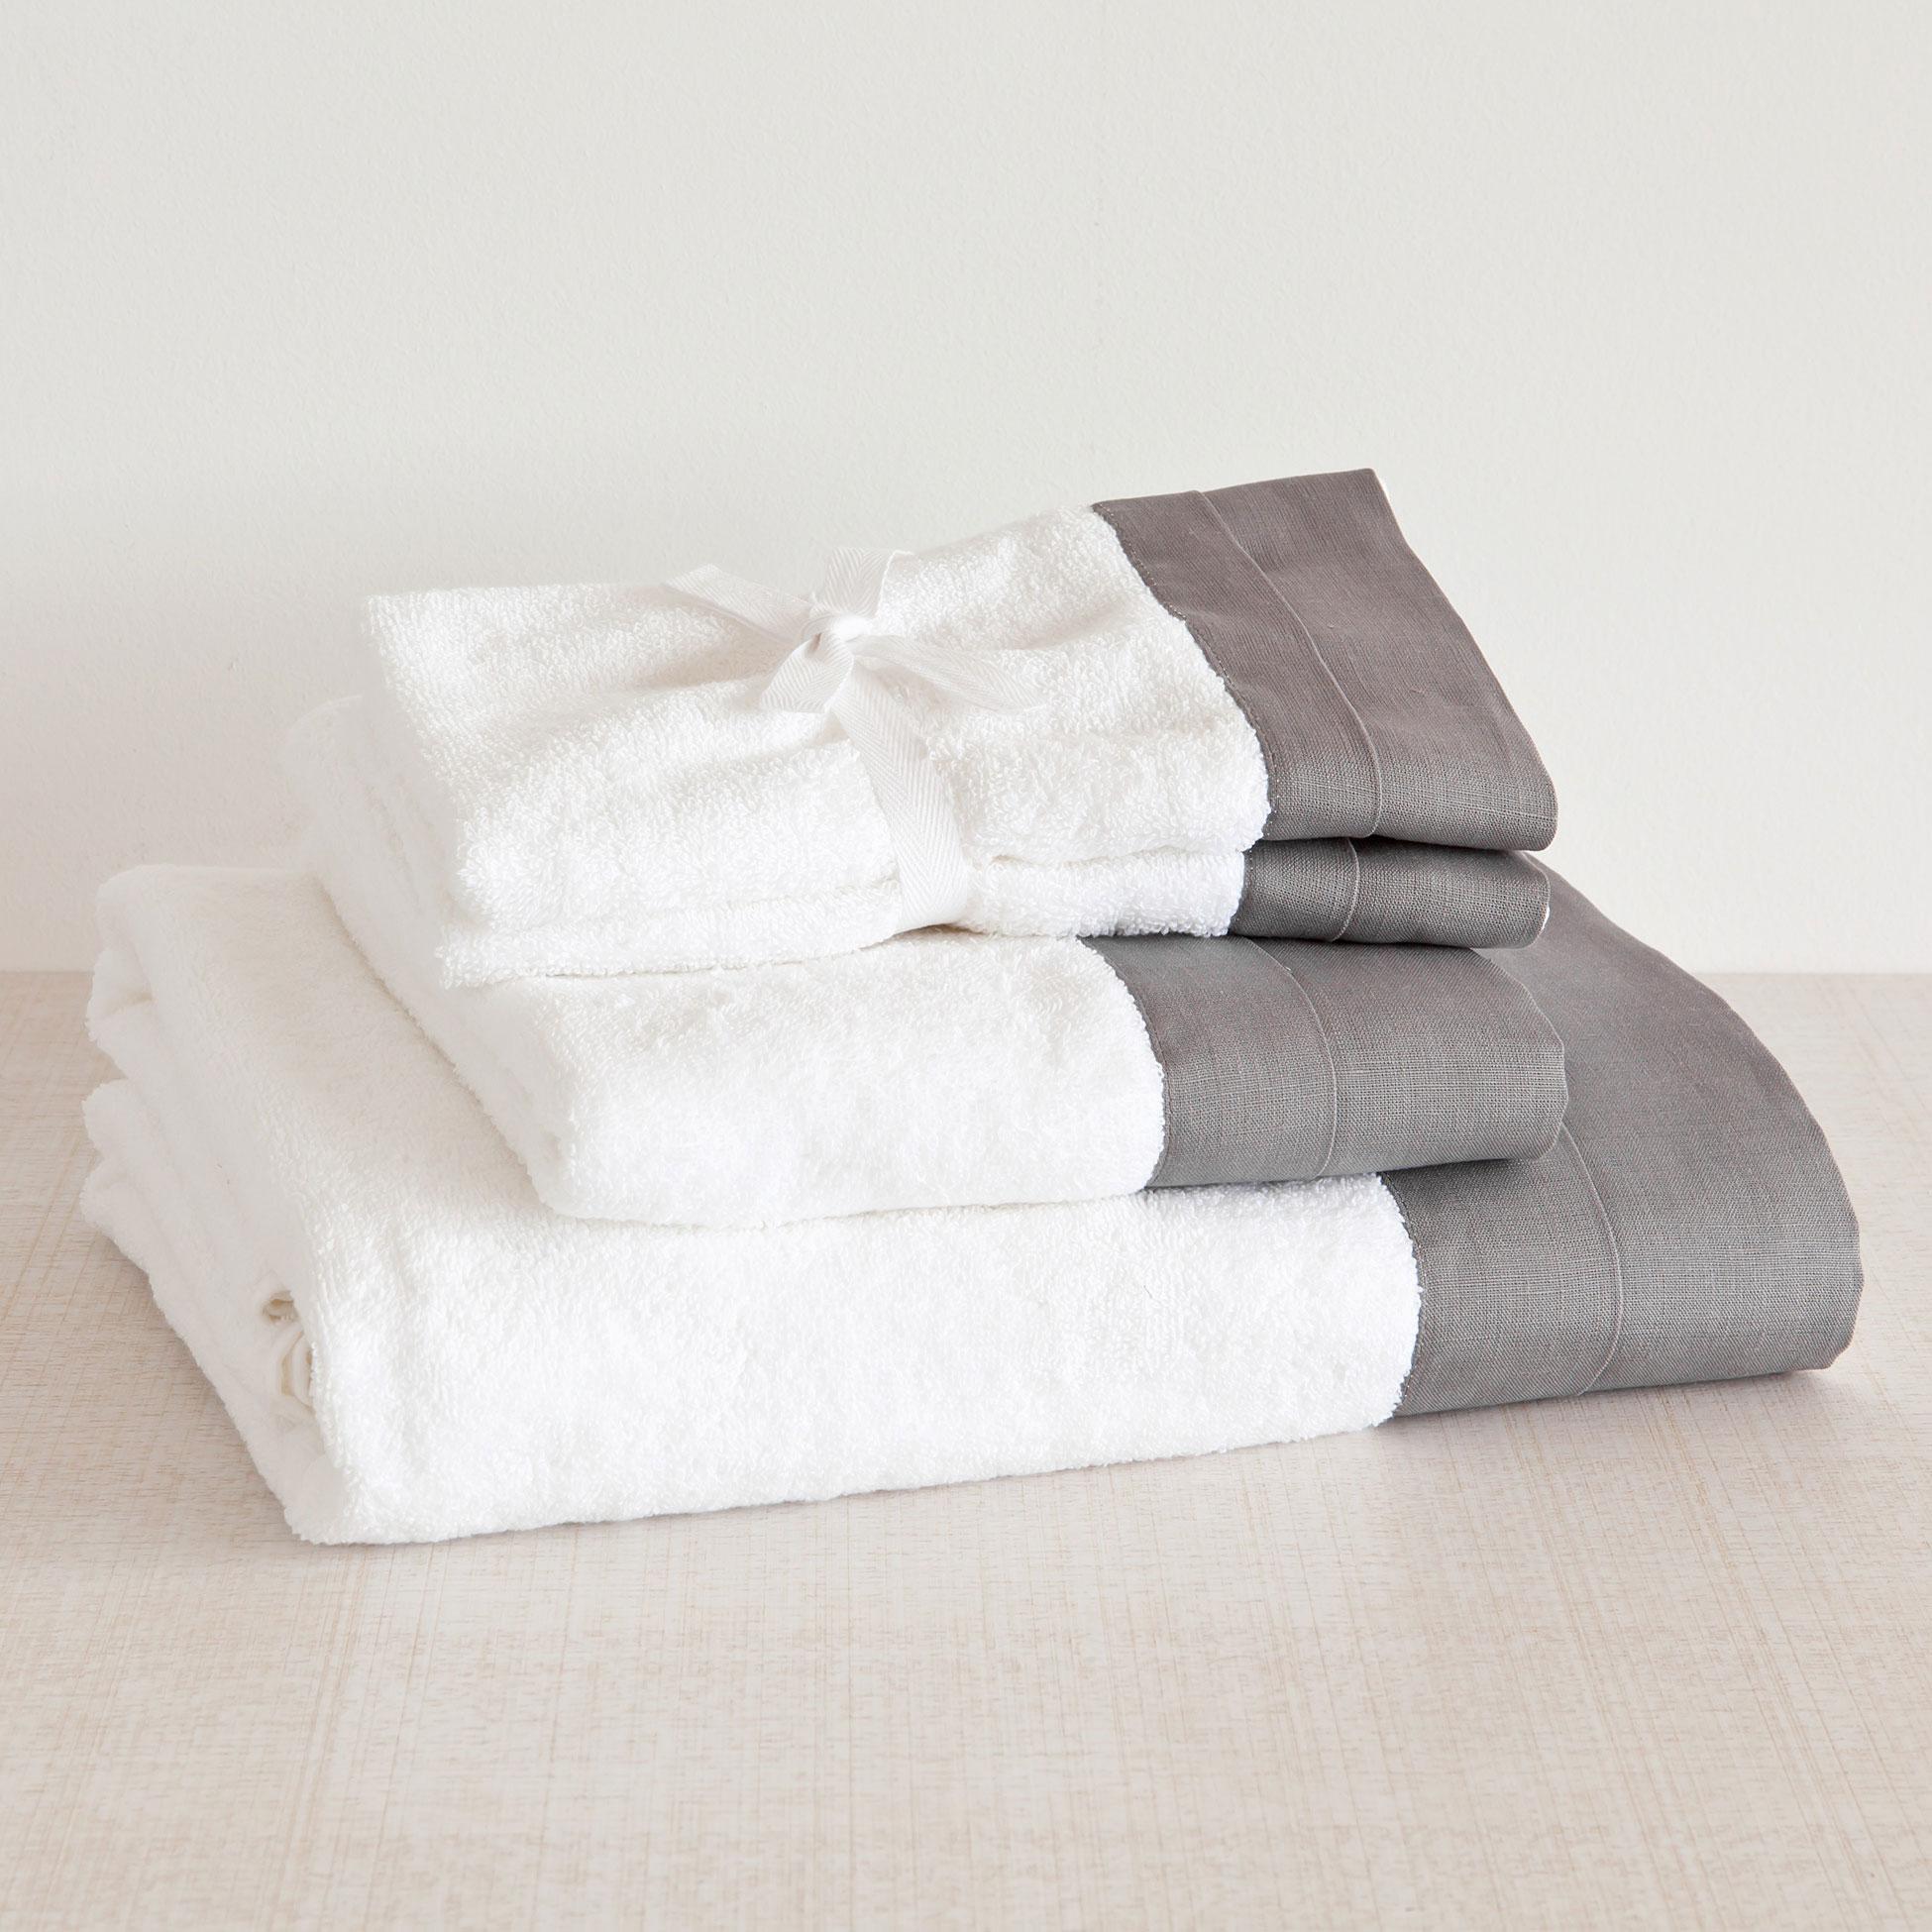 Come preparare kit bagno ospiti zara home asciugamano for Bagno zara